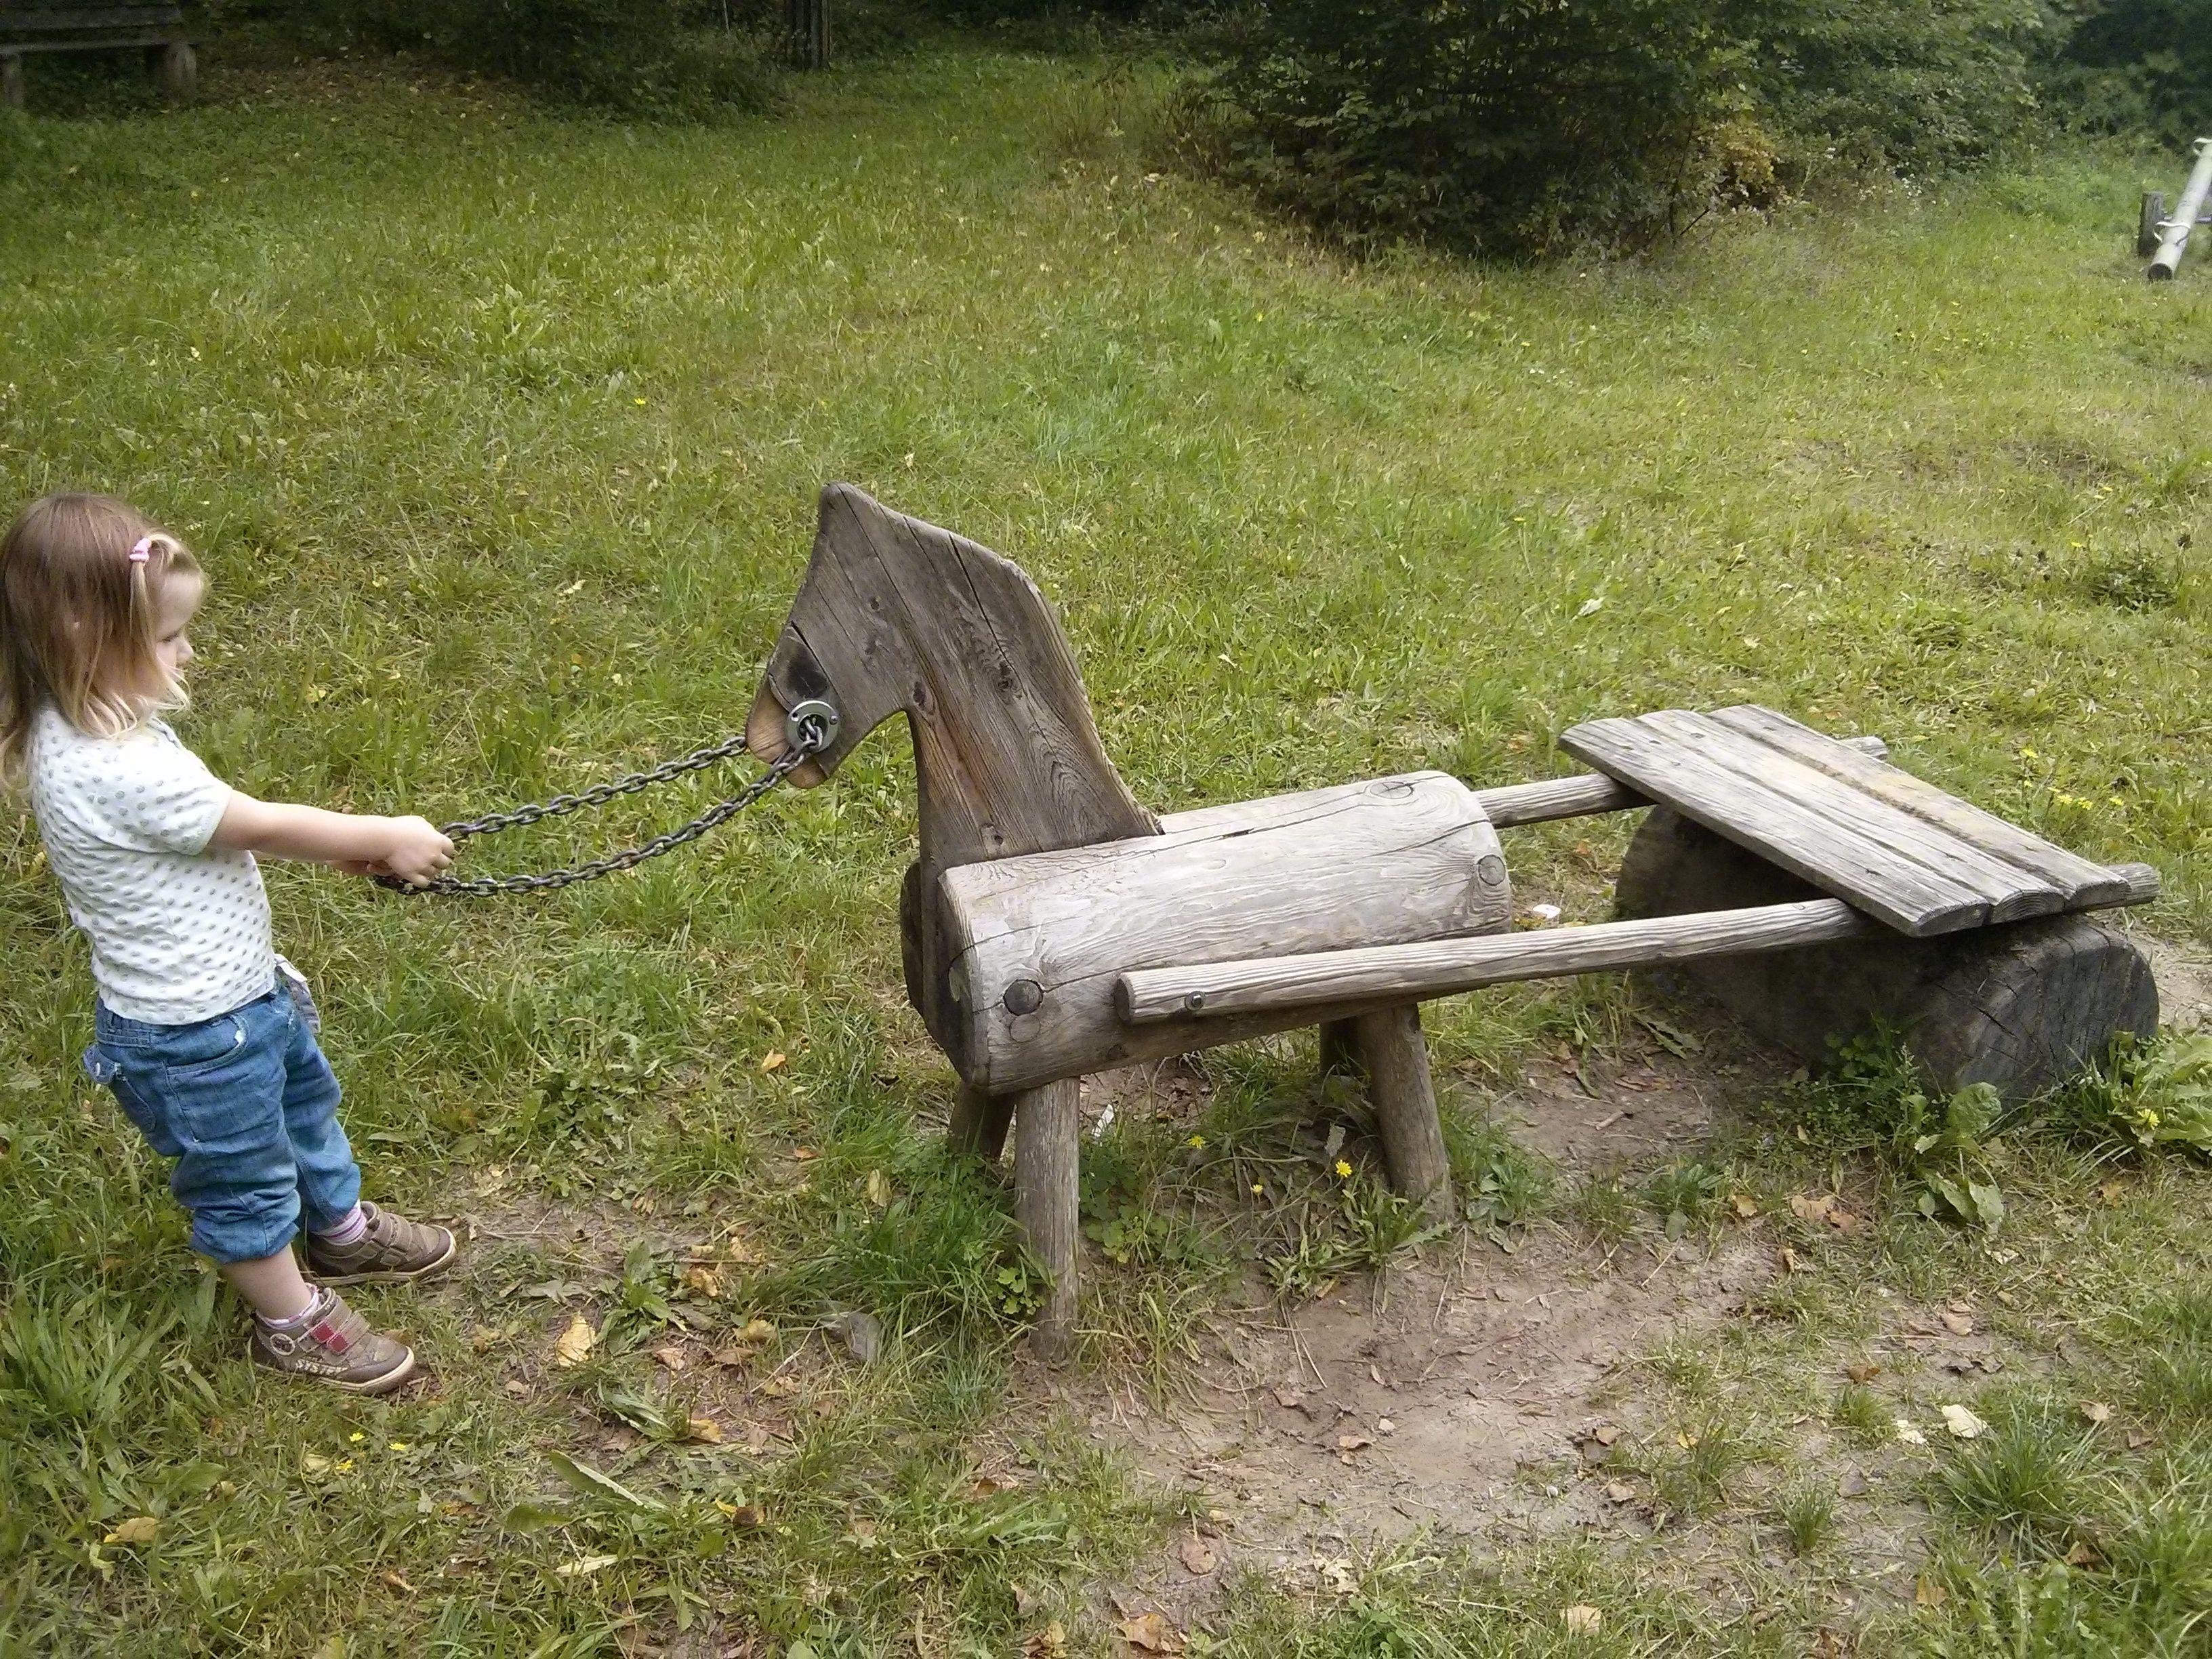 Der Waldspielplatz Fohrenberg Liegt Sehr Idyllisch In Den Westlichen Waldern Bei Augsburg Zwischen Rommelsried Und Biburg Ein Ausflug Ausflug Spielplatz Wald